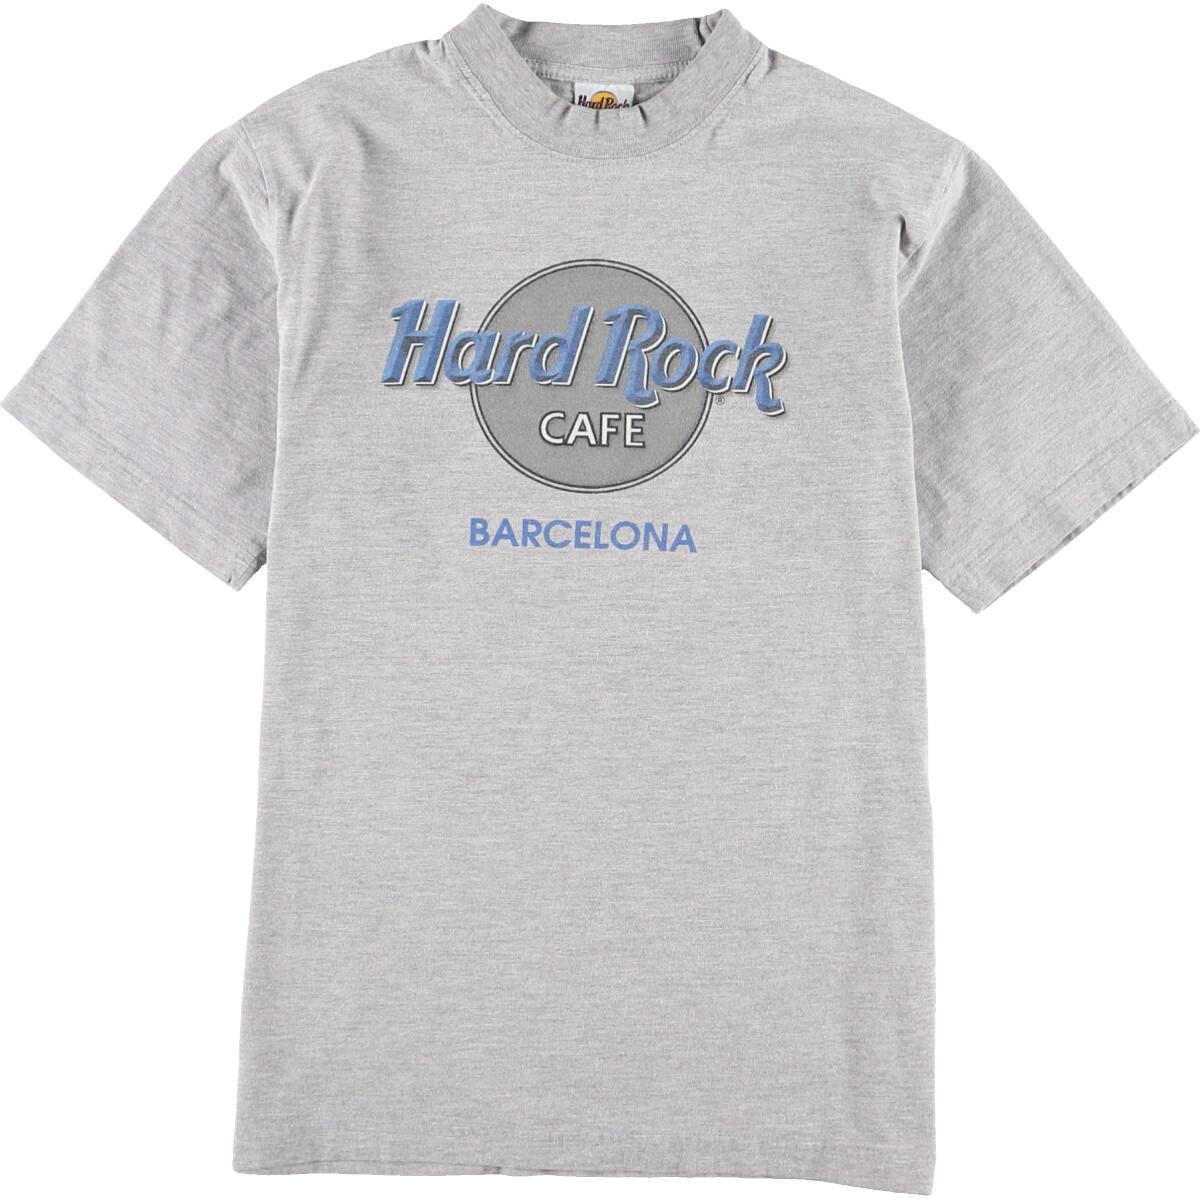 ハードロックカフェ HARD ROCK CAFE BARCELONA アドバタイジングTシャツ レディースSeaa023122200425bf67gy